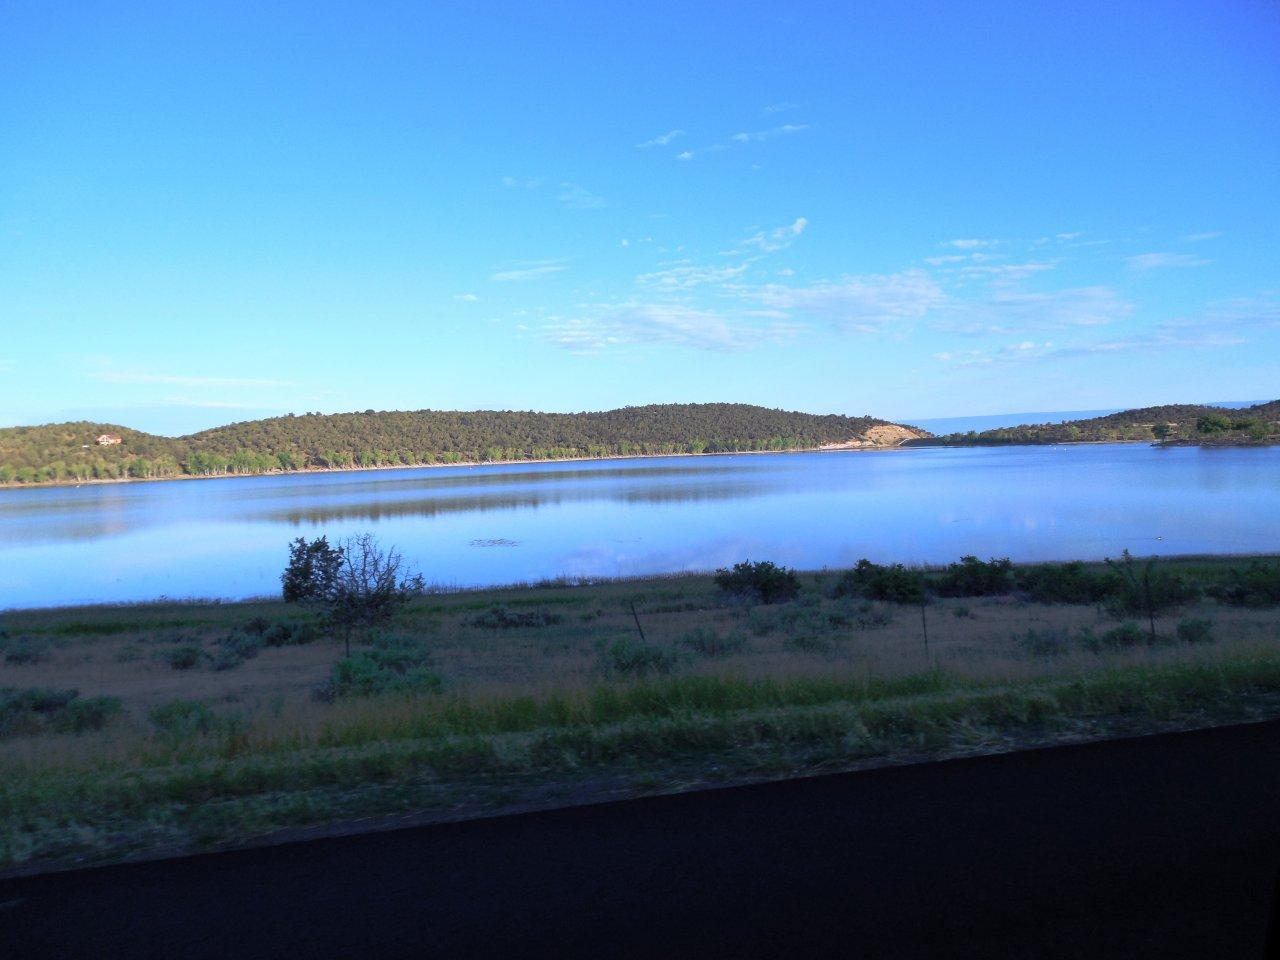 20140723_B_Sunrise on Crawford Lake.jpg